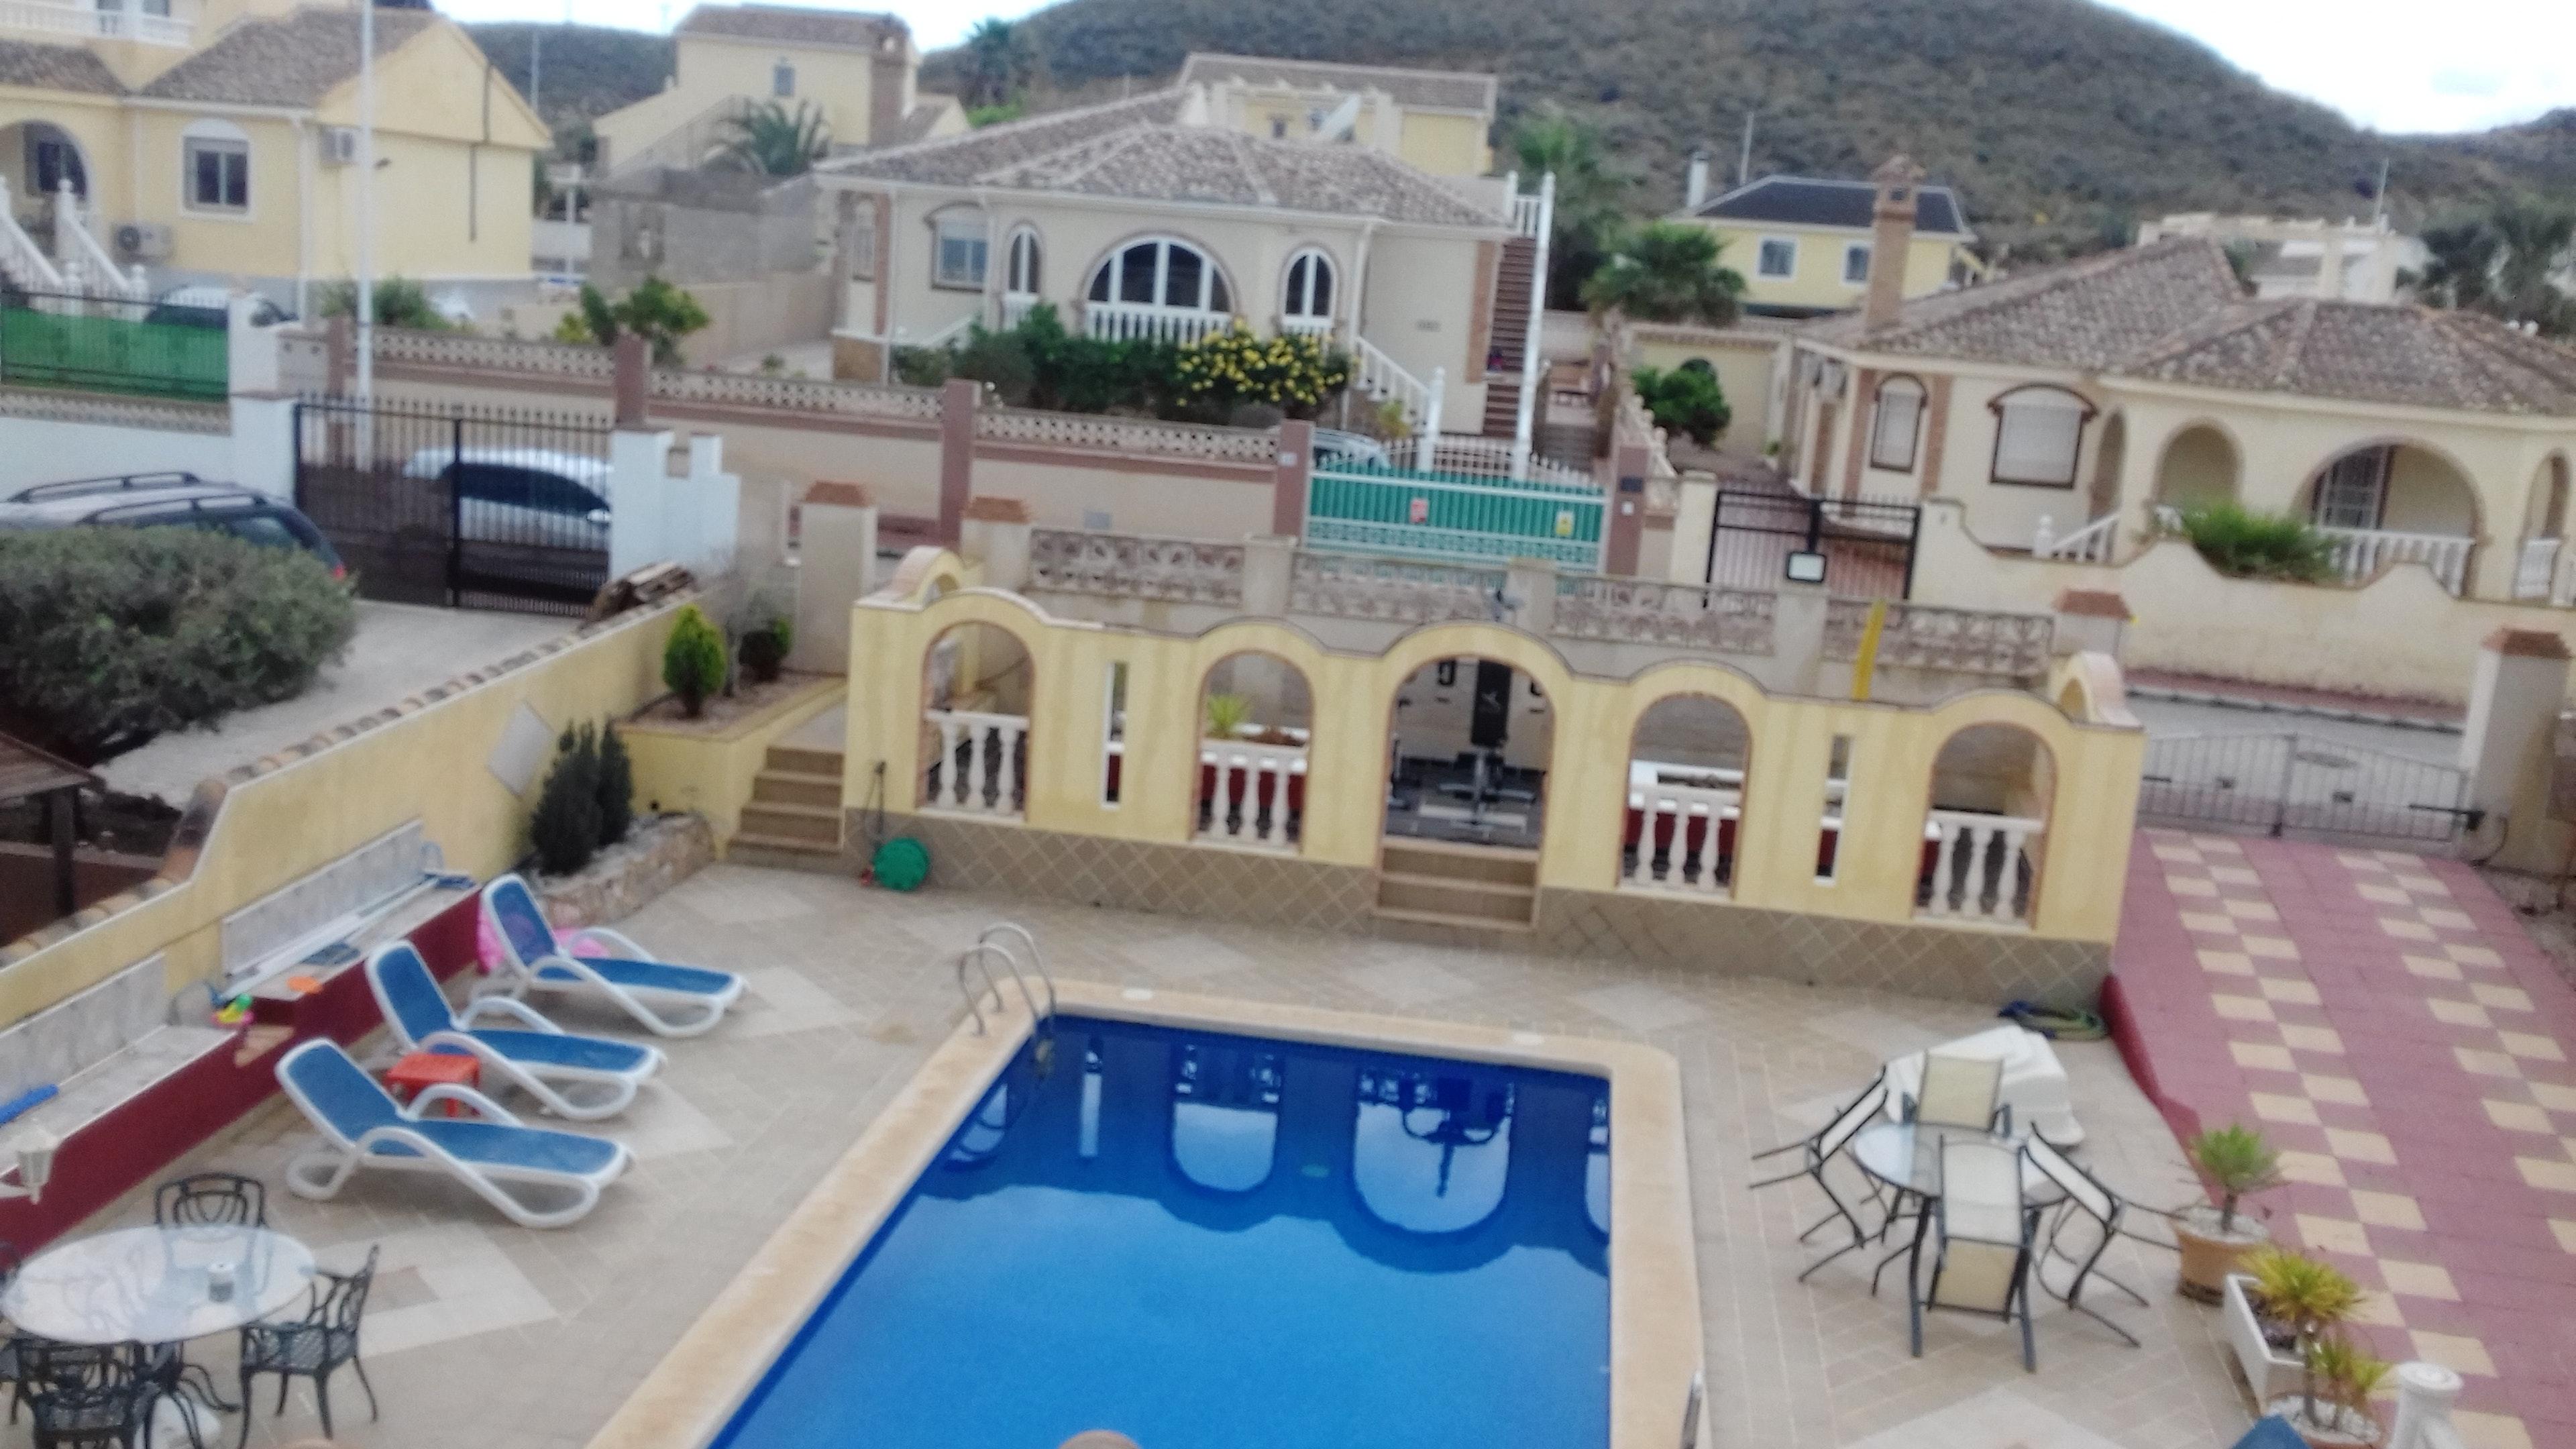 Appartement de vacances Wohnung mit 2 Schlafzimmern in Mazarrón mit toller Aussicht auf die Berge, privatem Pool,  (2632538), Mazarron, Costa Calida, Murcie, Espagne, image 21